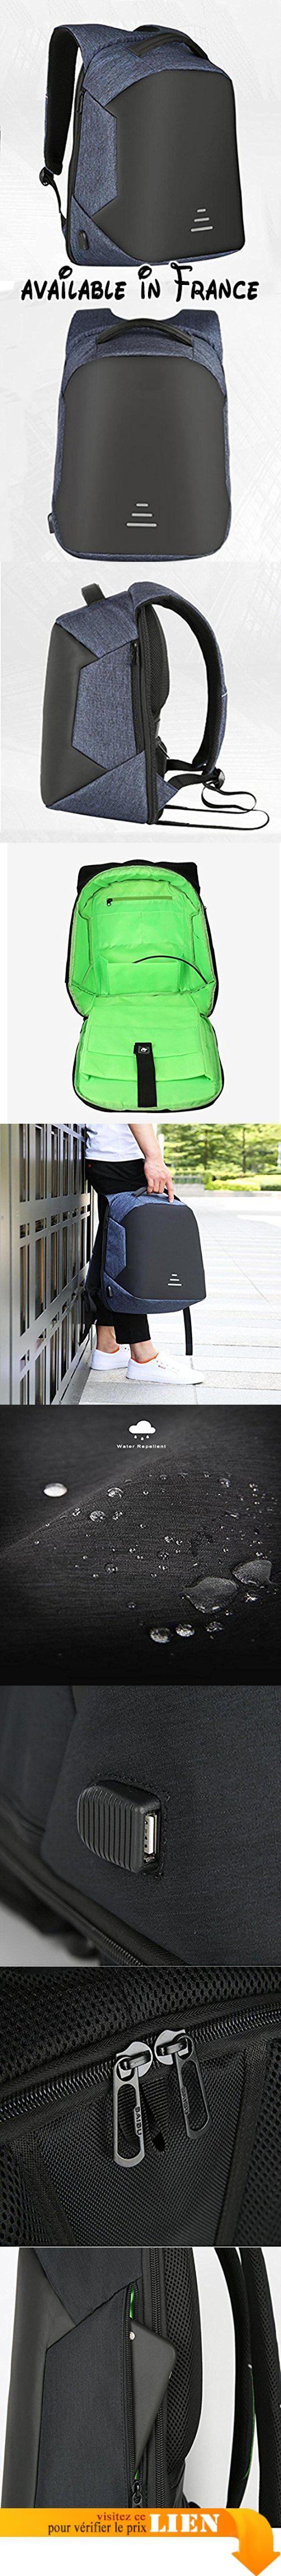 """B078XTF91L : WYXIN Sac à dos en polyester résistant à l'eau d'affaires de sac à dos d'ordinateur portable avec le port de remplissage d'USB et adapte à l'ordinateur portable et à l'ordinateur portable de 16 pouces  blue. Sac à dos à compartiments multiples: Les compartiments du sac sont faits pour vos besoins il a un compartiment principal qui garde votre ordinateur portable (jusqu'à 16 """") iPad (jusqu'à 9.7"""") téléphone livres dossier A4 et divers gadgets"""